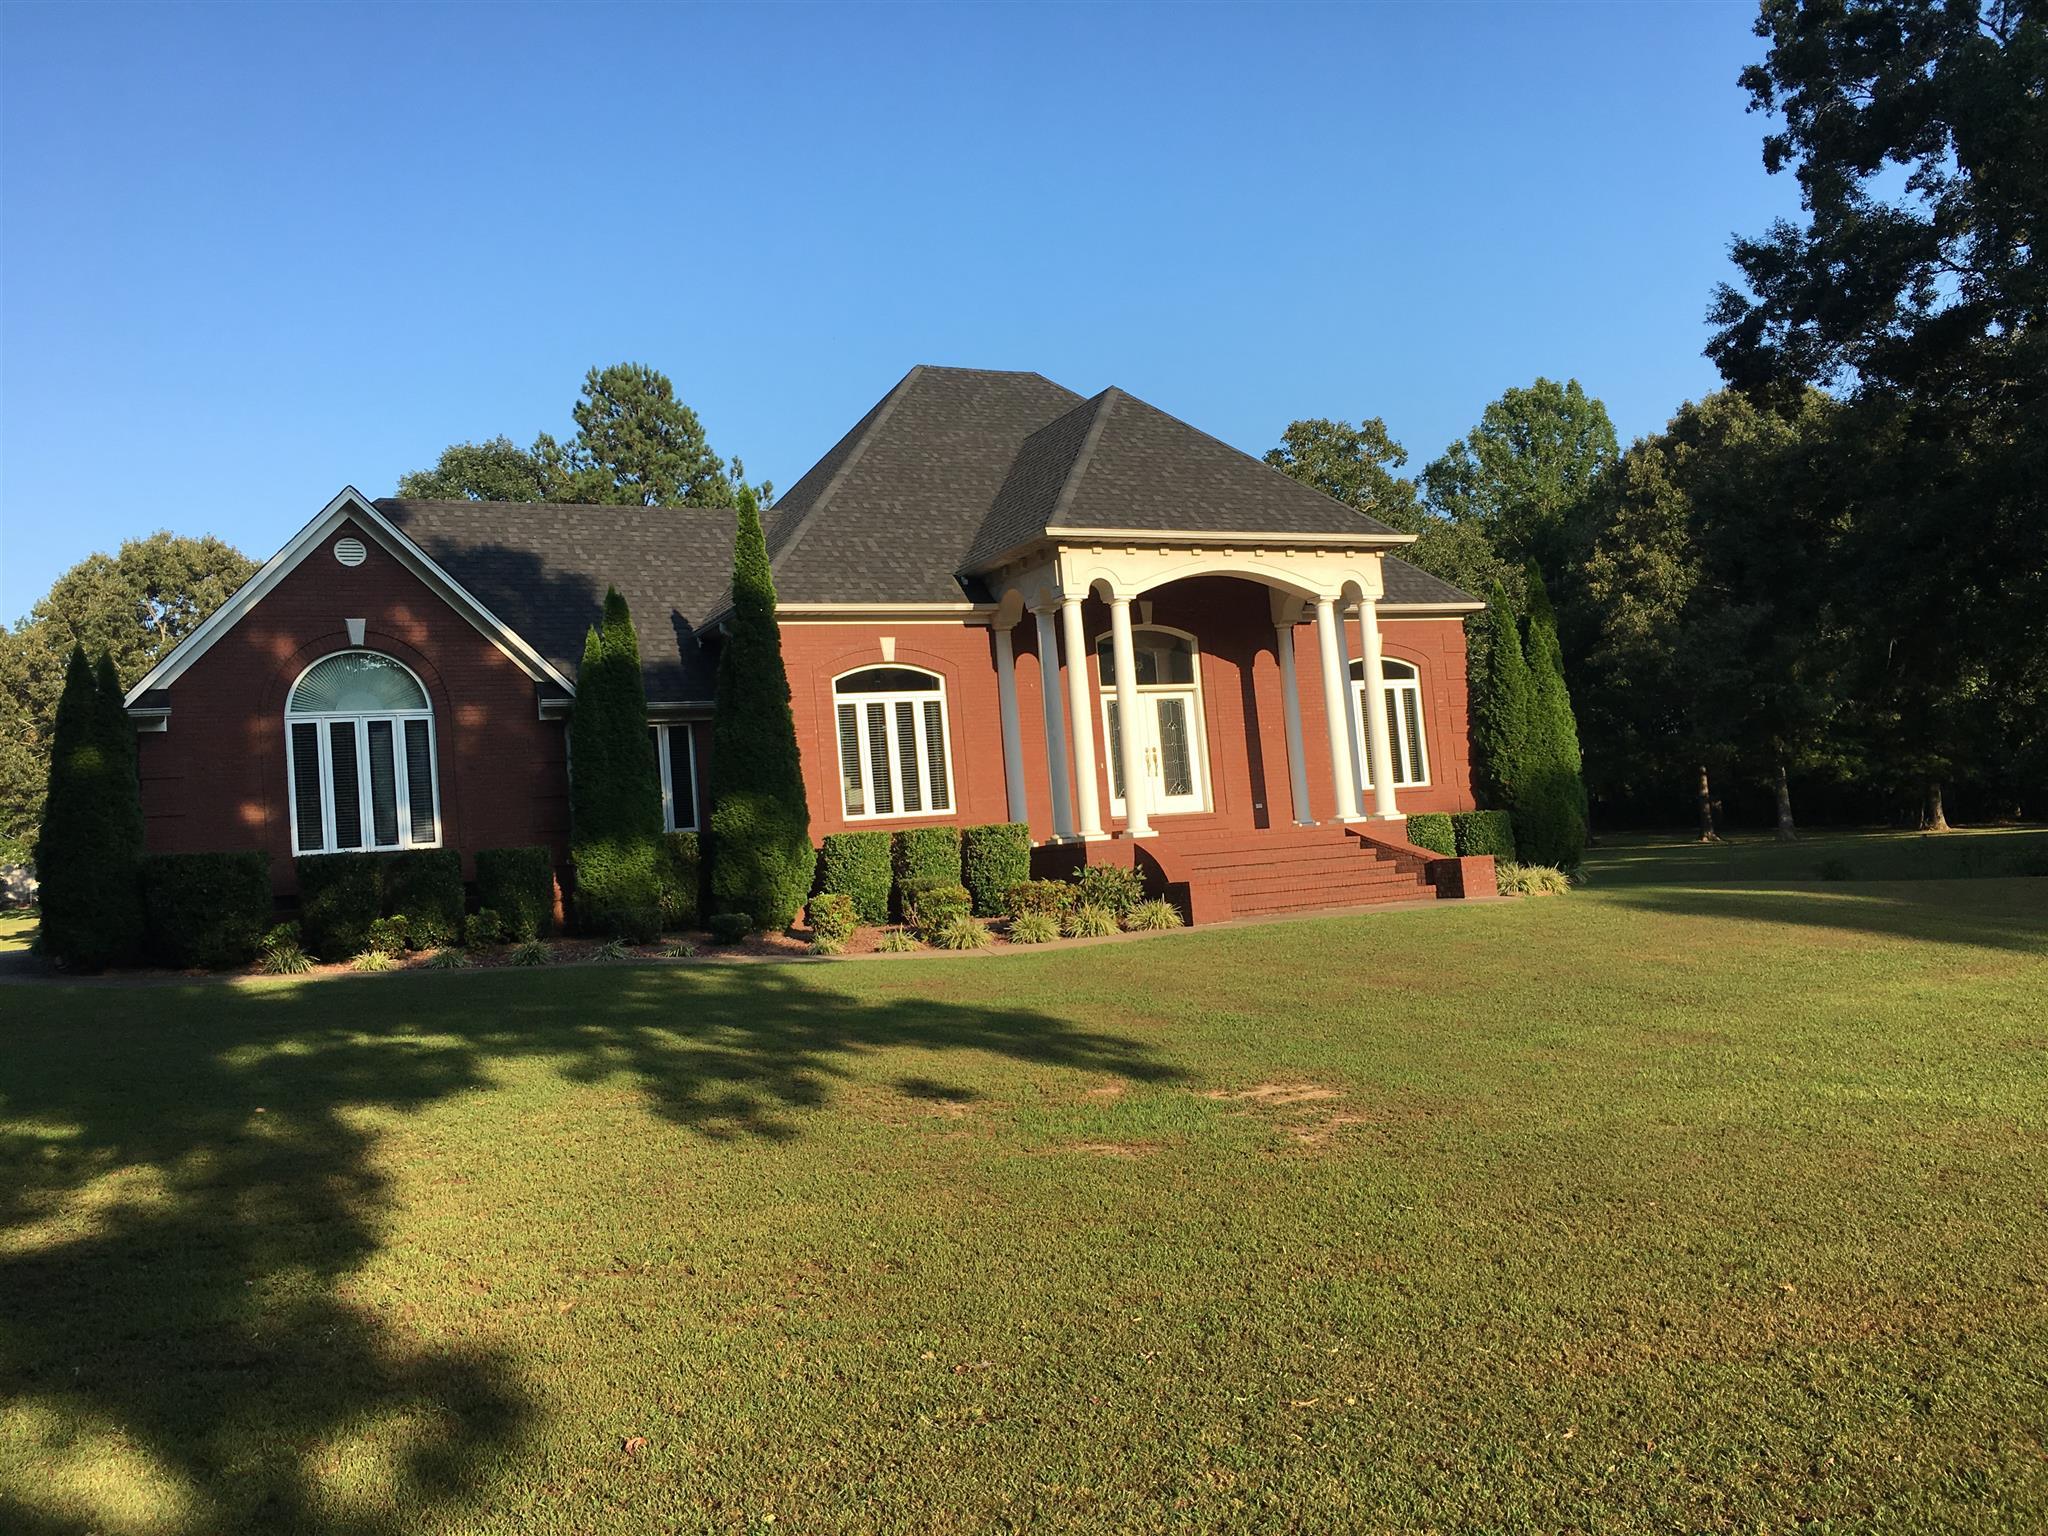 4012 Shady Oaks, Iron City, TN 38463 - Iron City, TN real estate listing